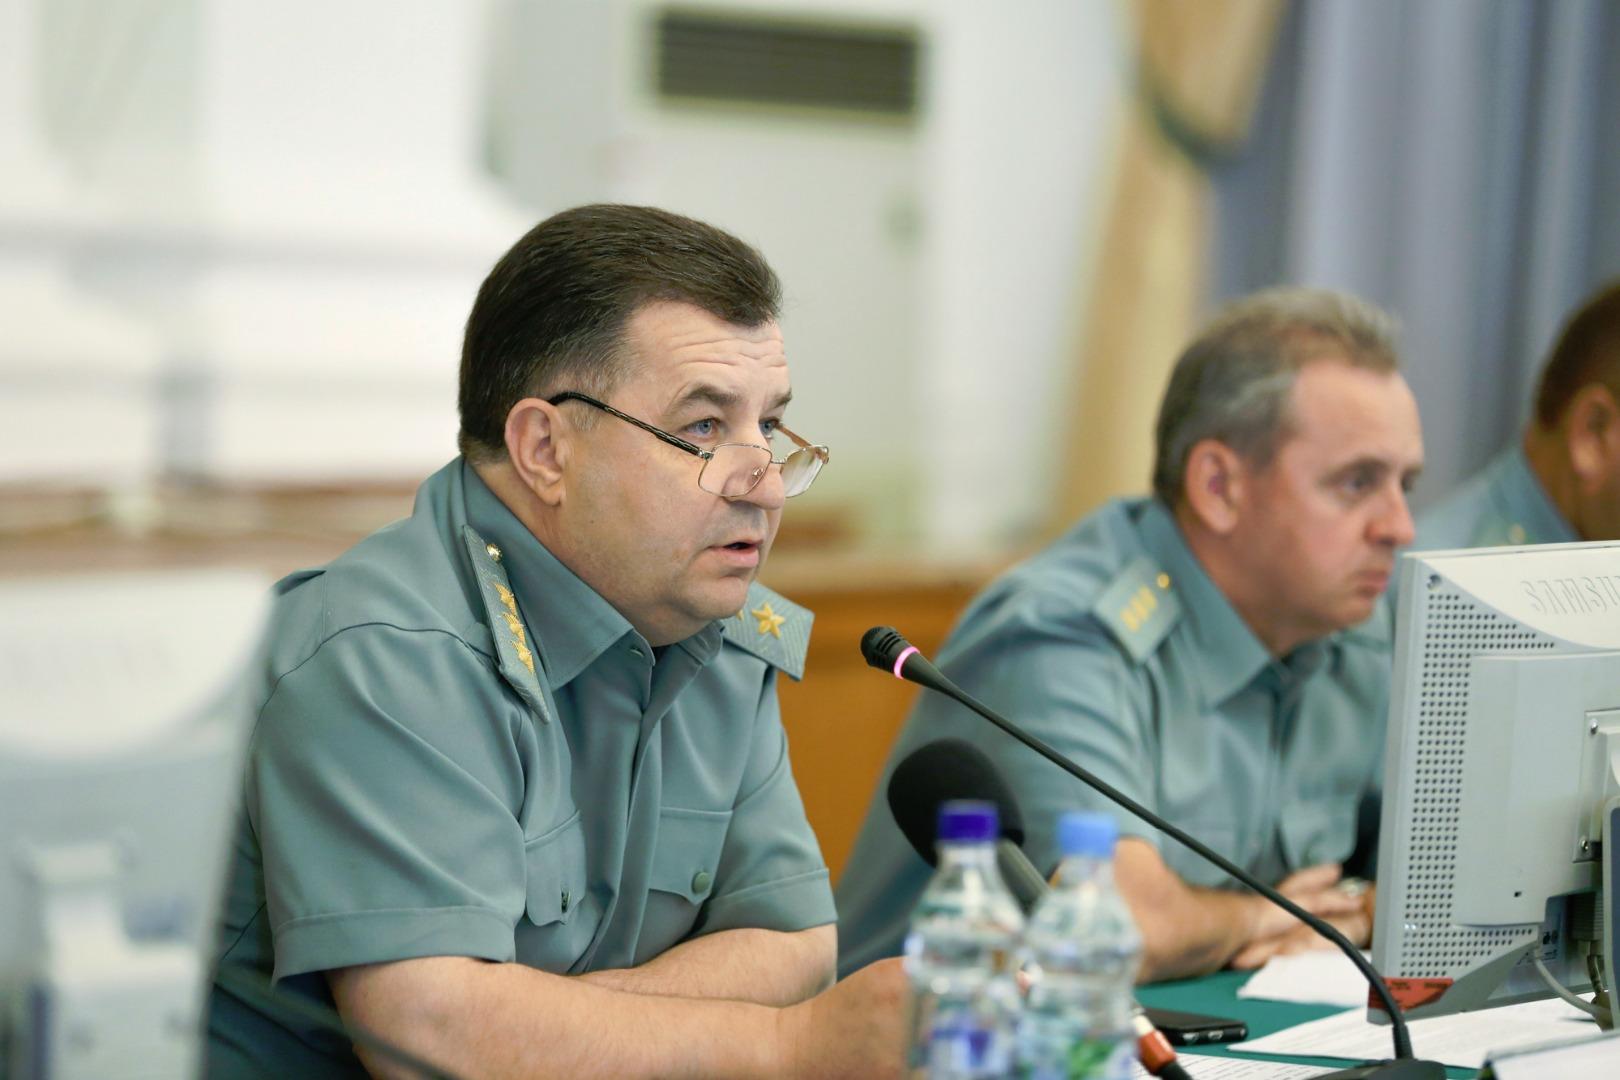 20:12 Полторак подписал приказ о компенсации за съем жилья для военных